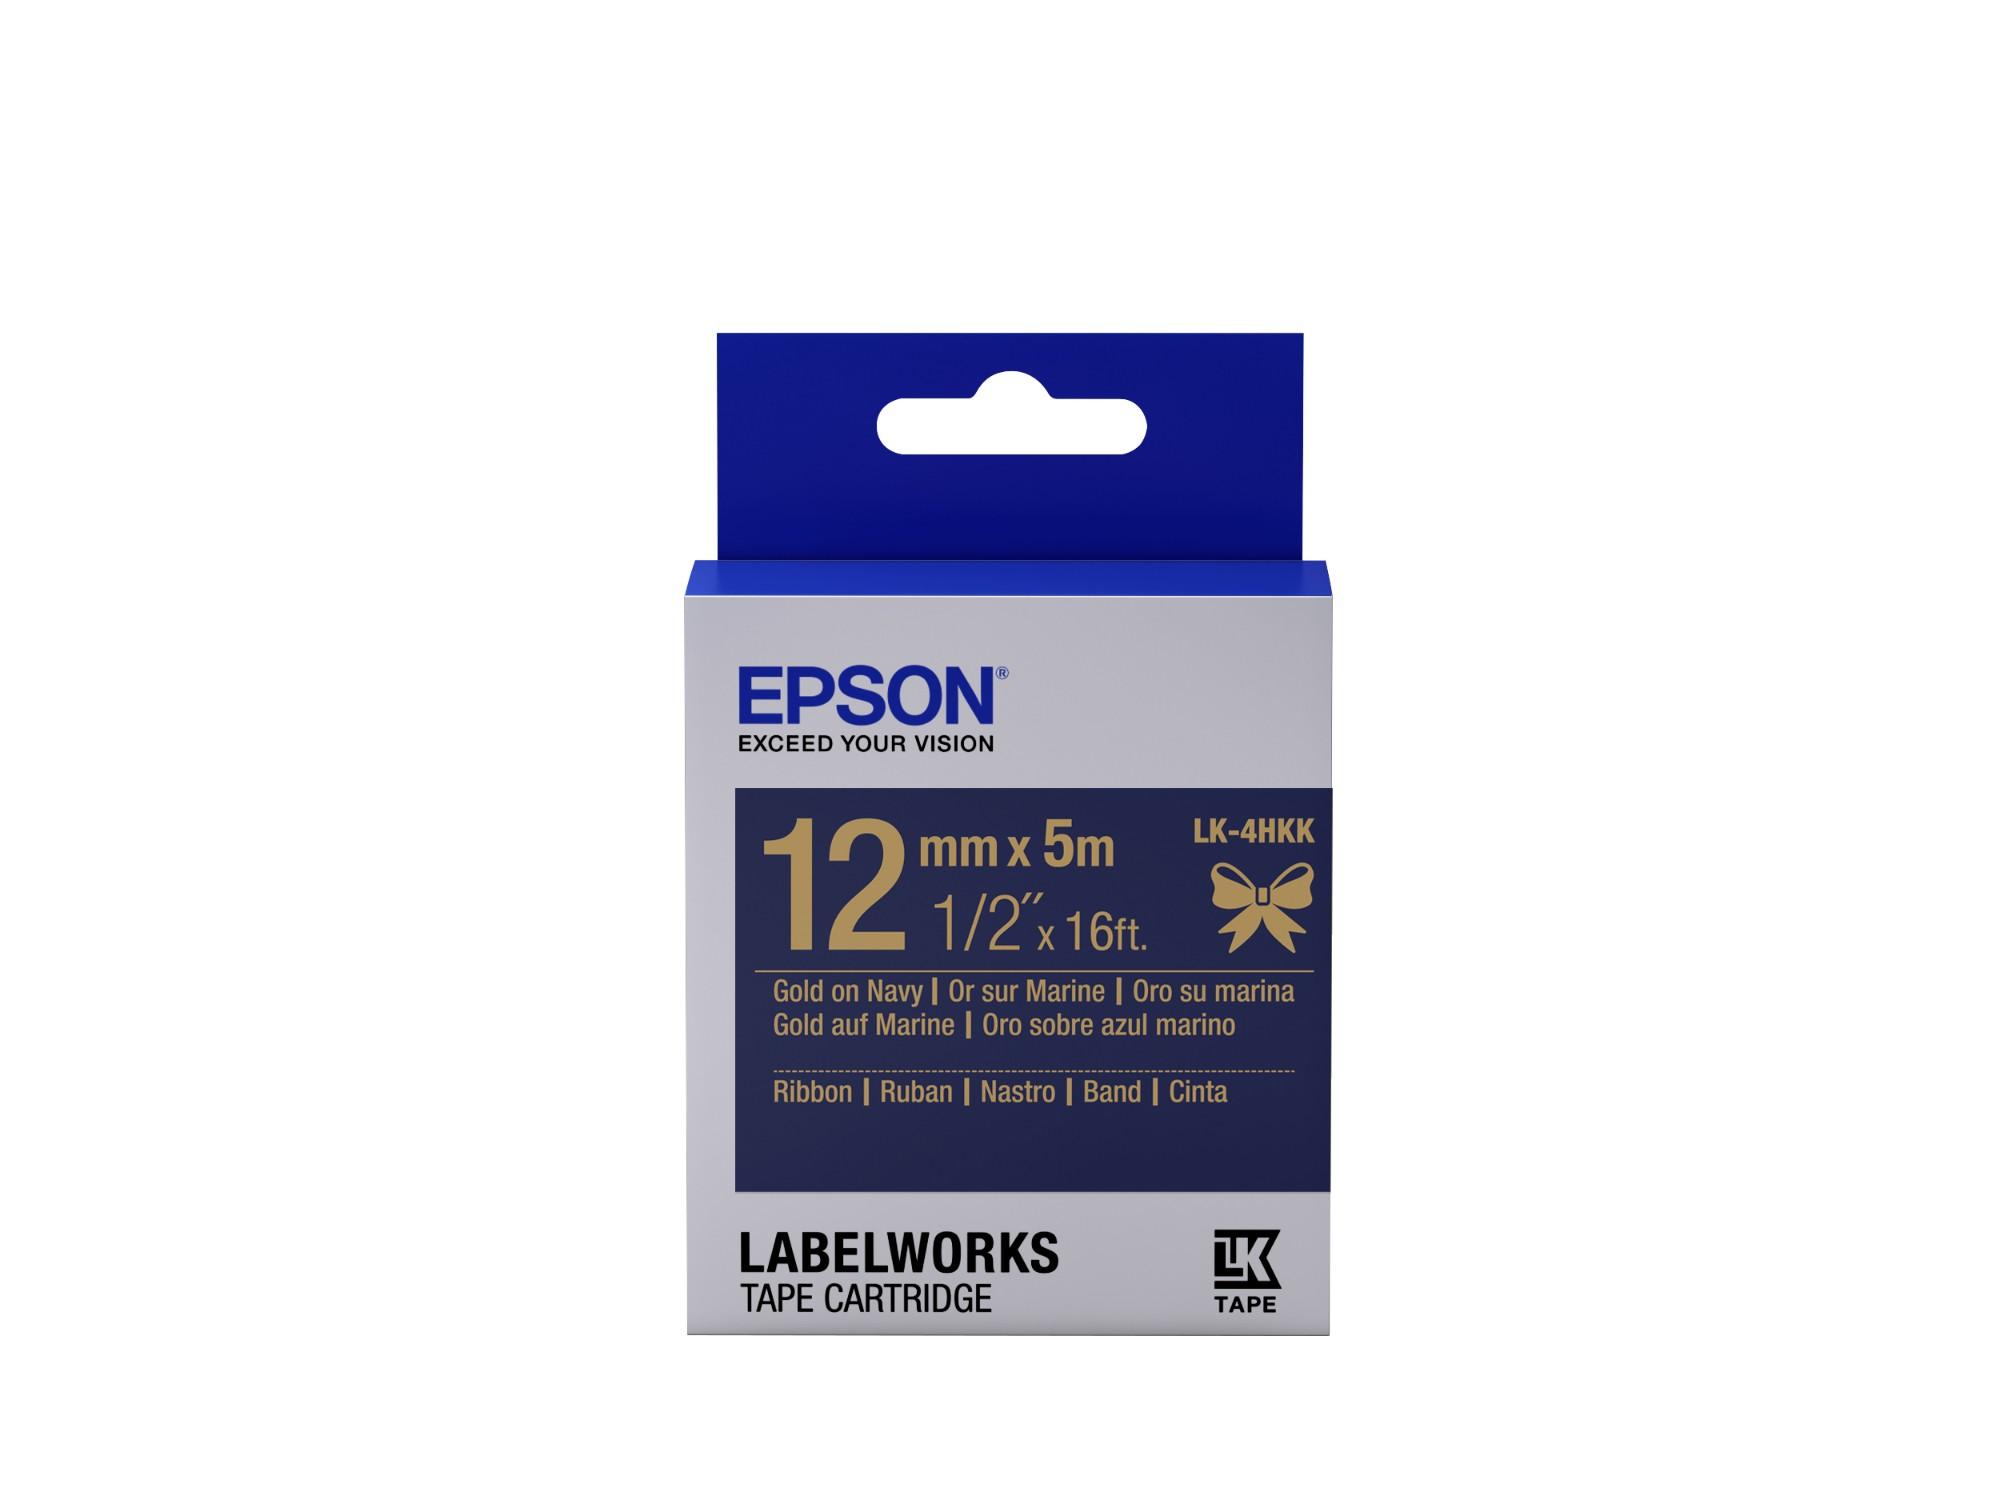 Epson Cartucho de etiquetas de cinta satinada LK-4HKK oro/azul marino de 12 mm (5 m)